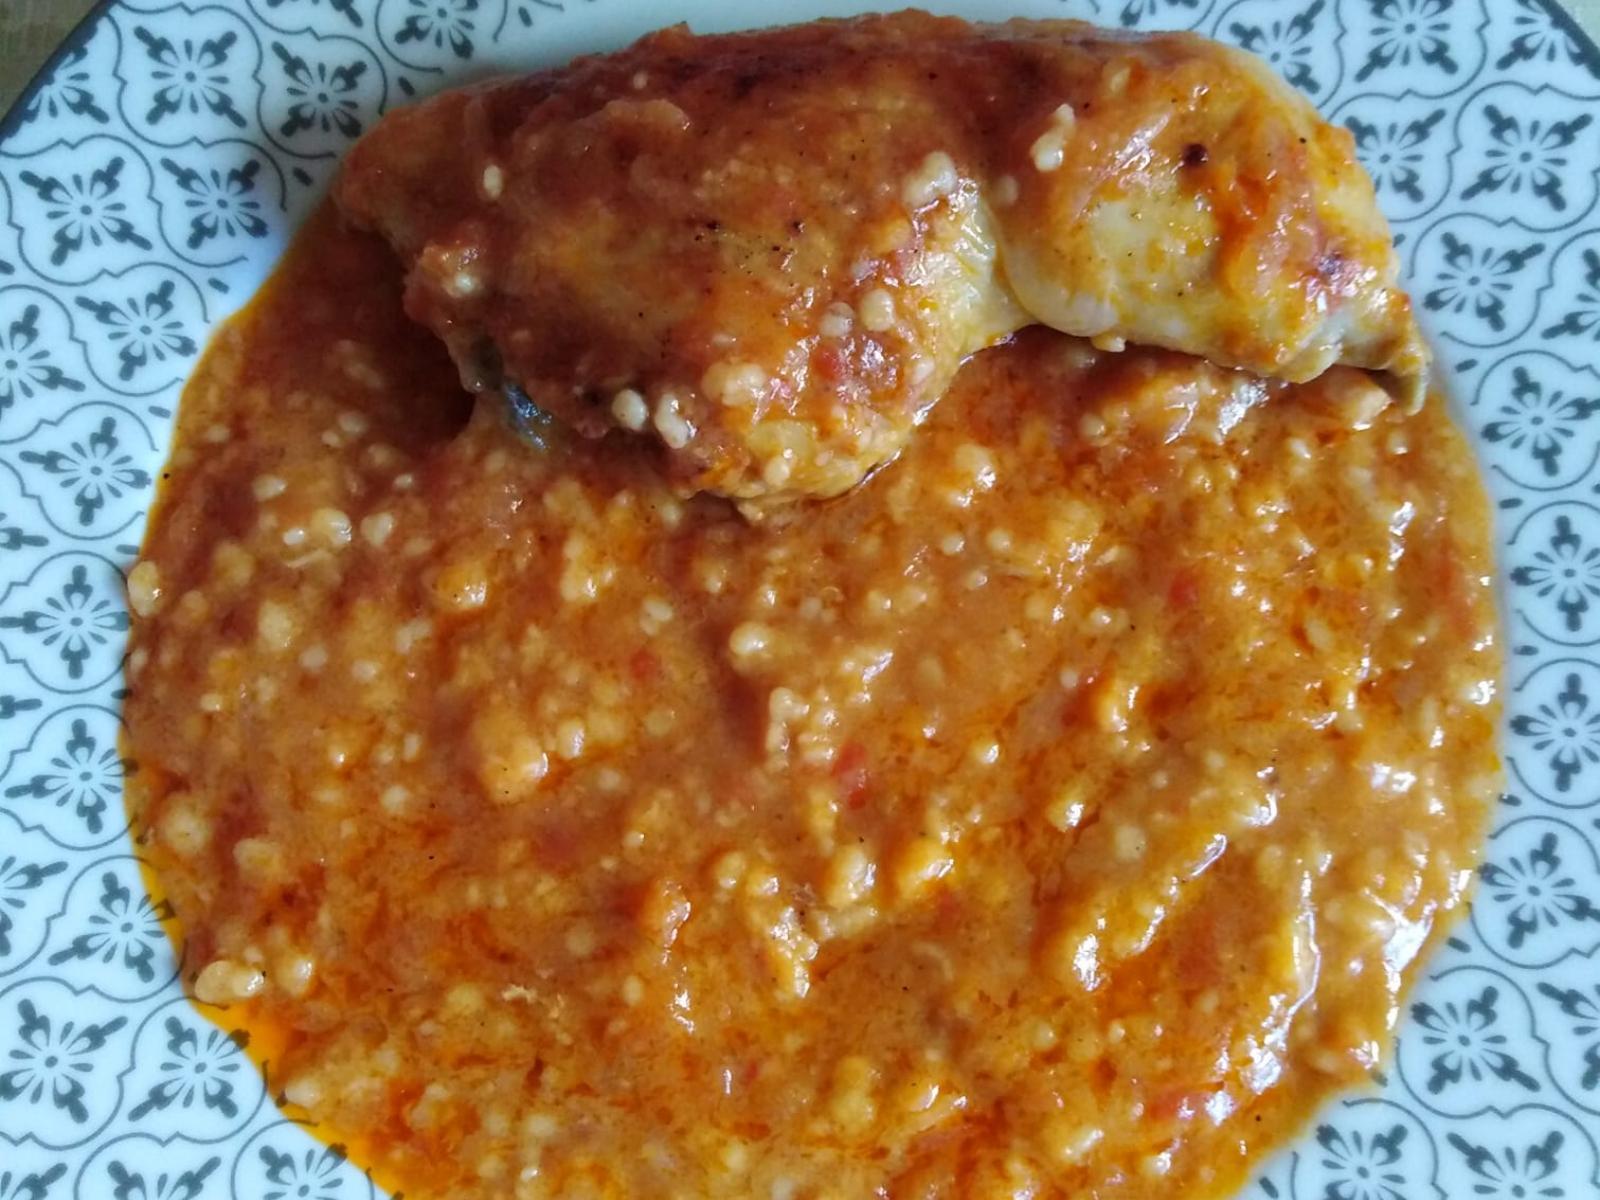 Κοτόπουλο στο φούρνο με τραχανά κοκκινιστό